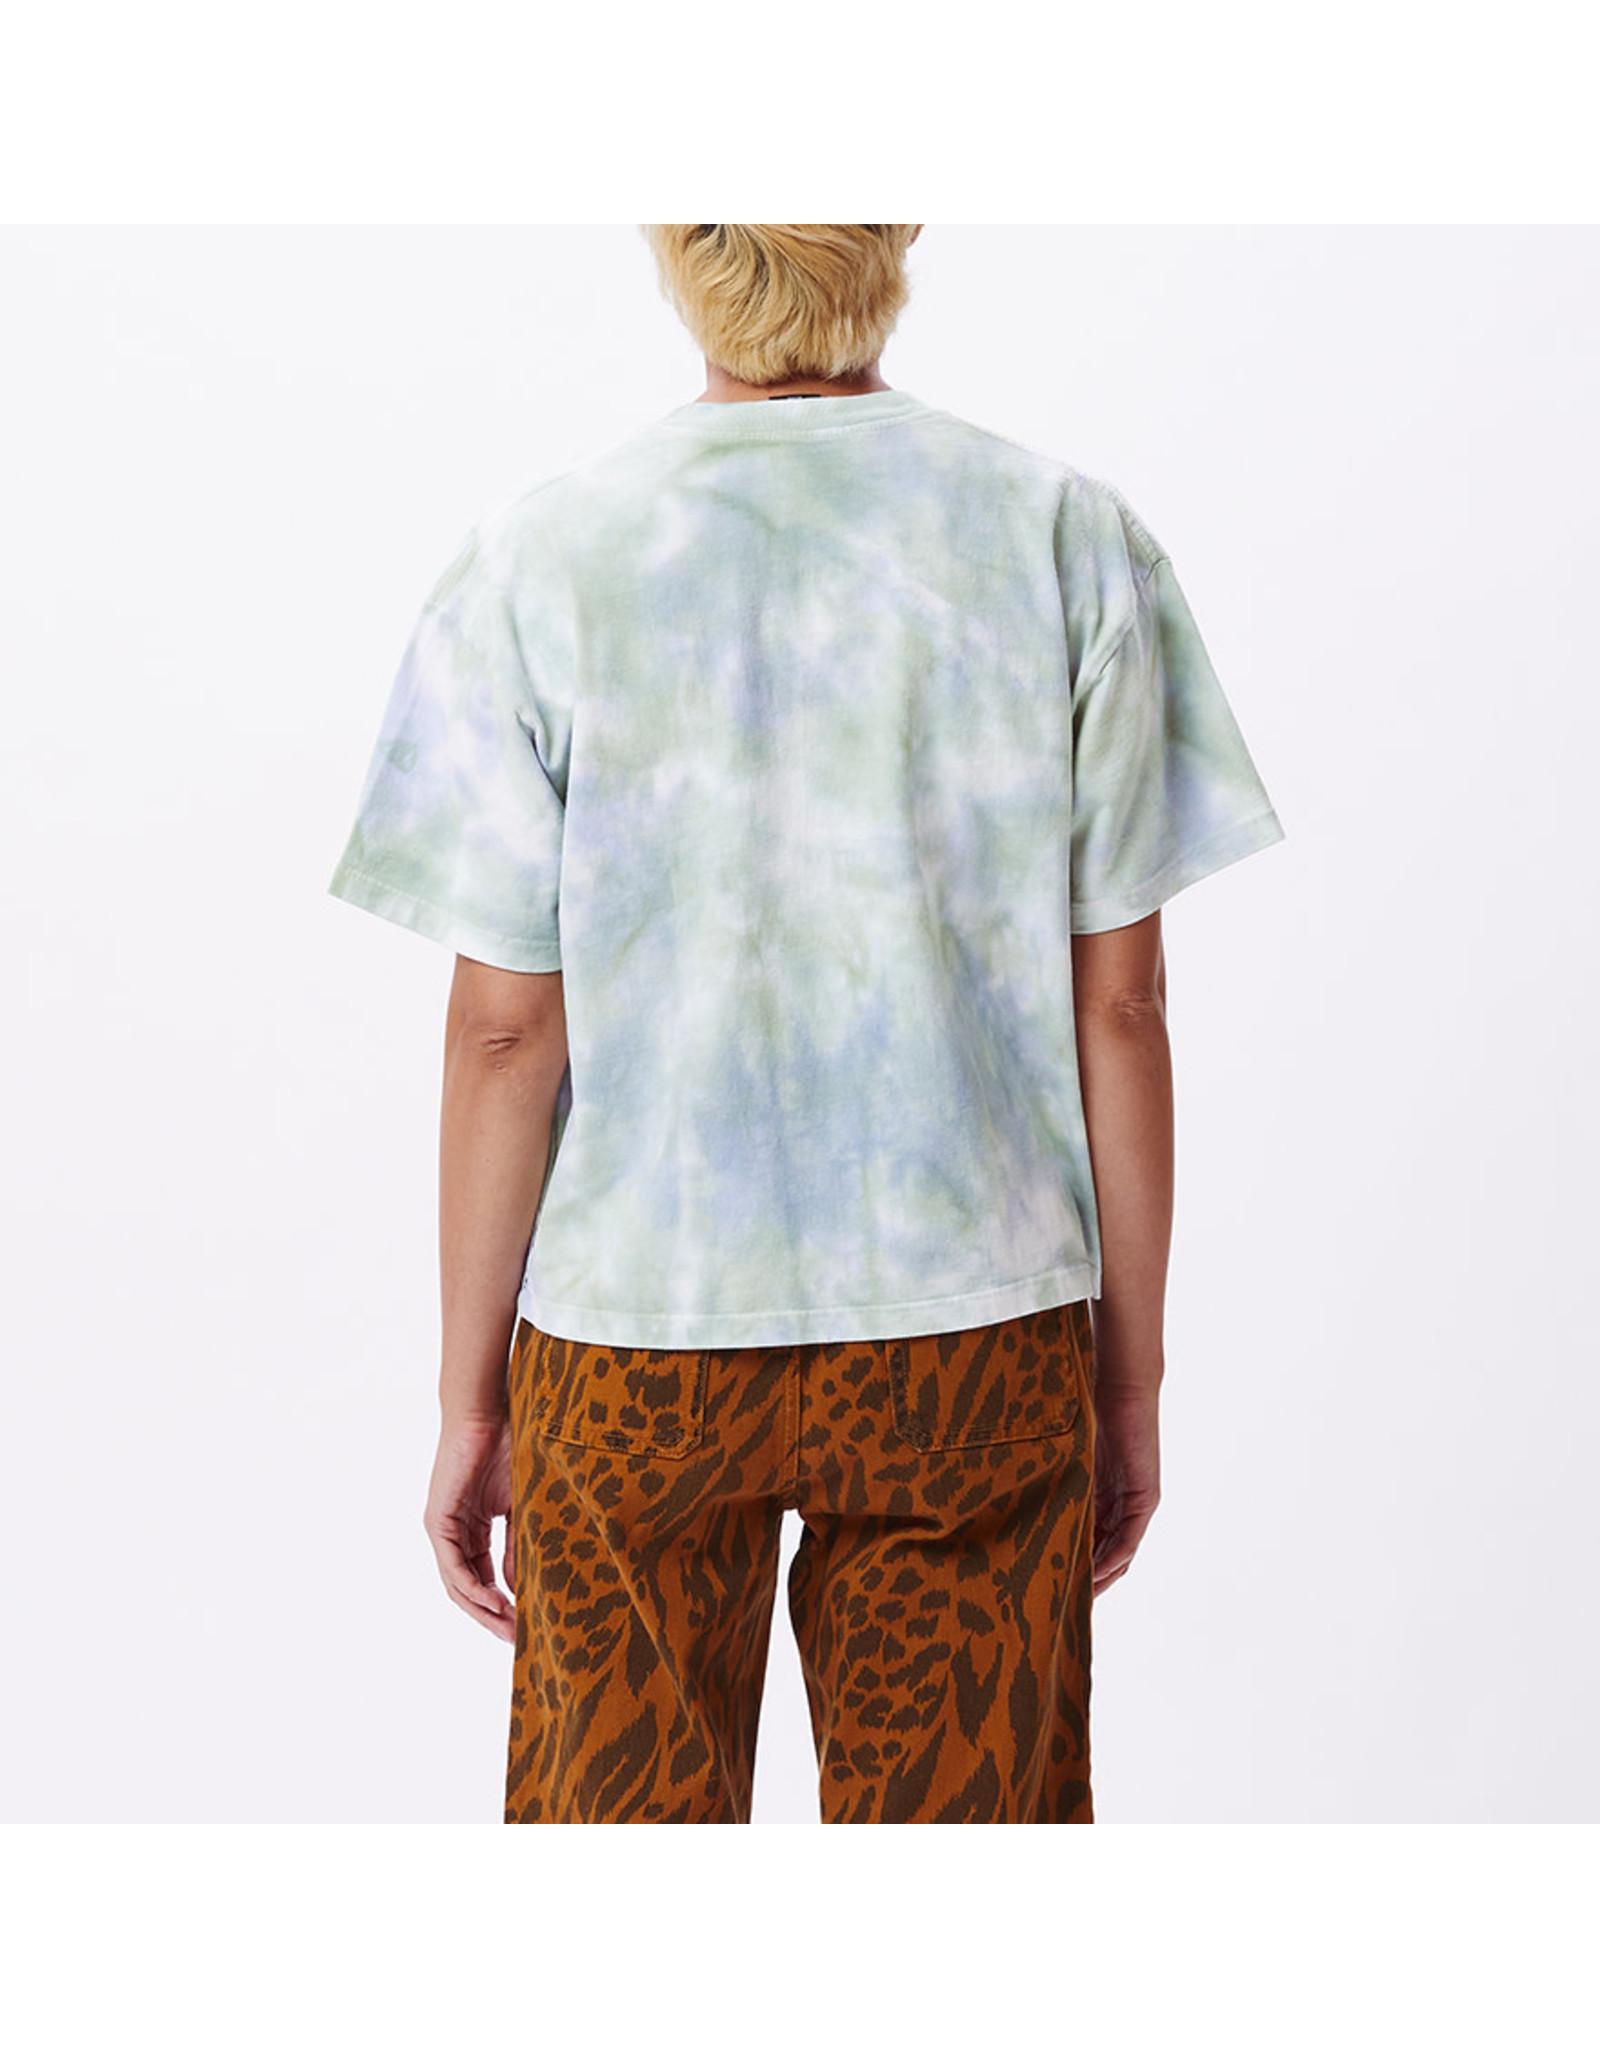 Obey Obey - T-shirt femme obey new custom crop purple half spiral tie dye